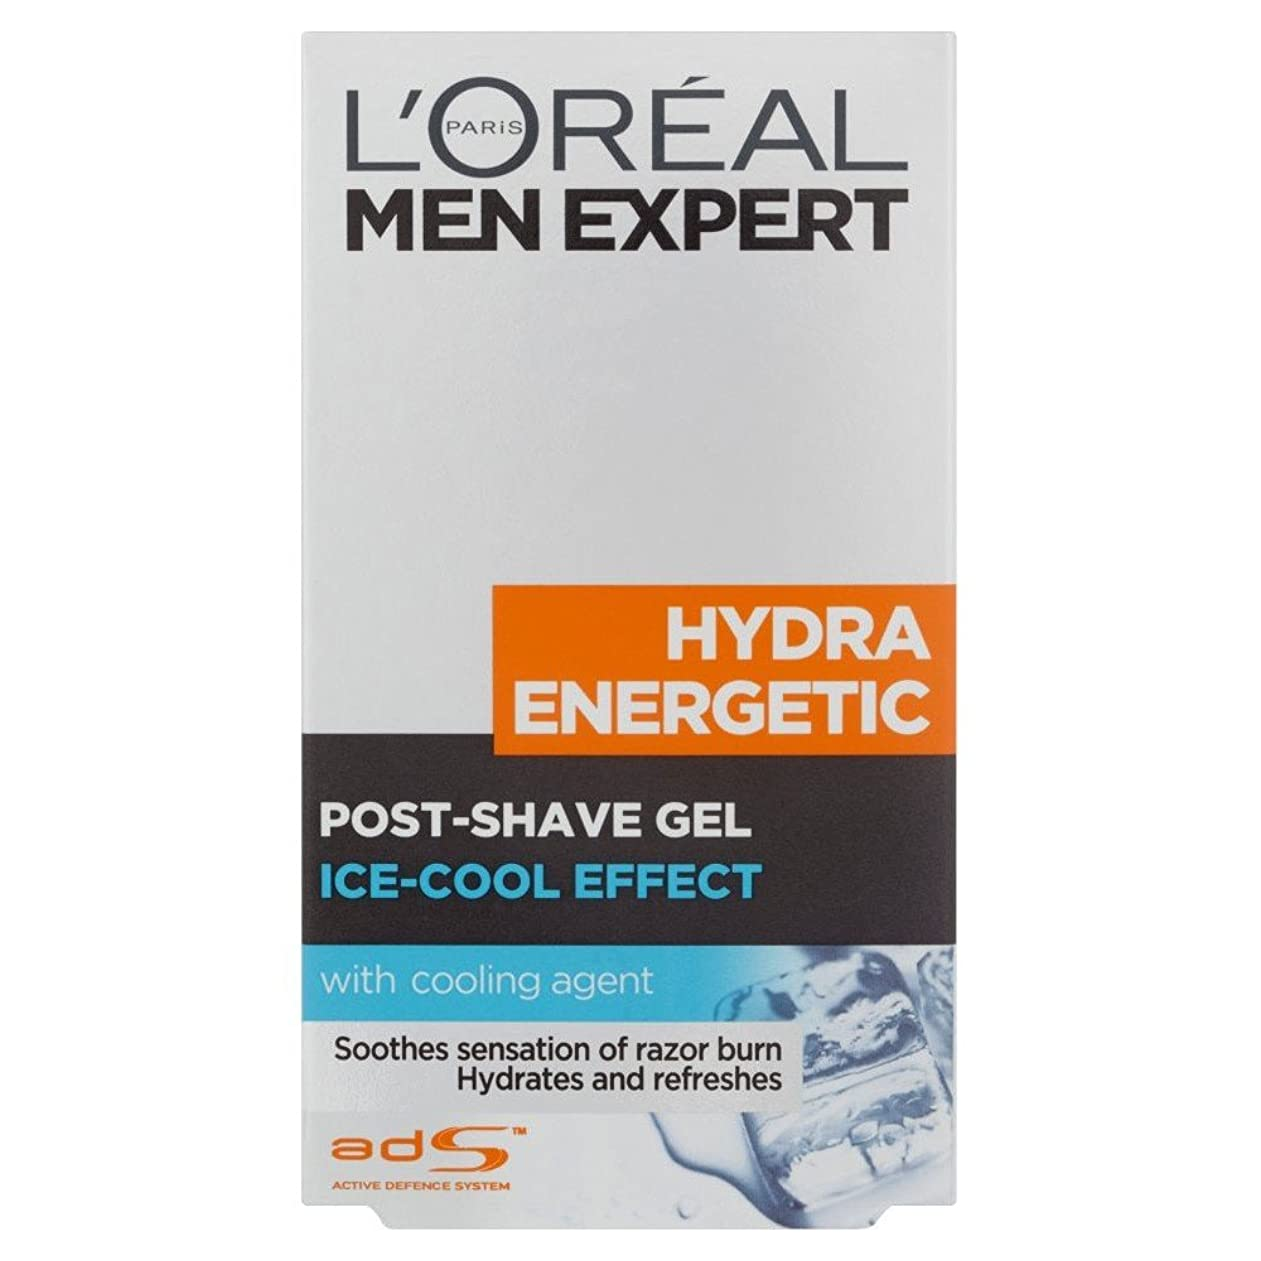 改修辛いおじいちゃんL'Oreal Paris Men Expert Hydra Energetic Post Shave Balm (100ml) L'オラ?アルパリのメンズ専門ヒドラエネルギッシュなポストシェーブバーム( 100ミリリットル) [並行輸入品]